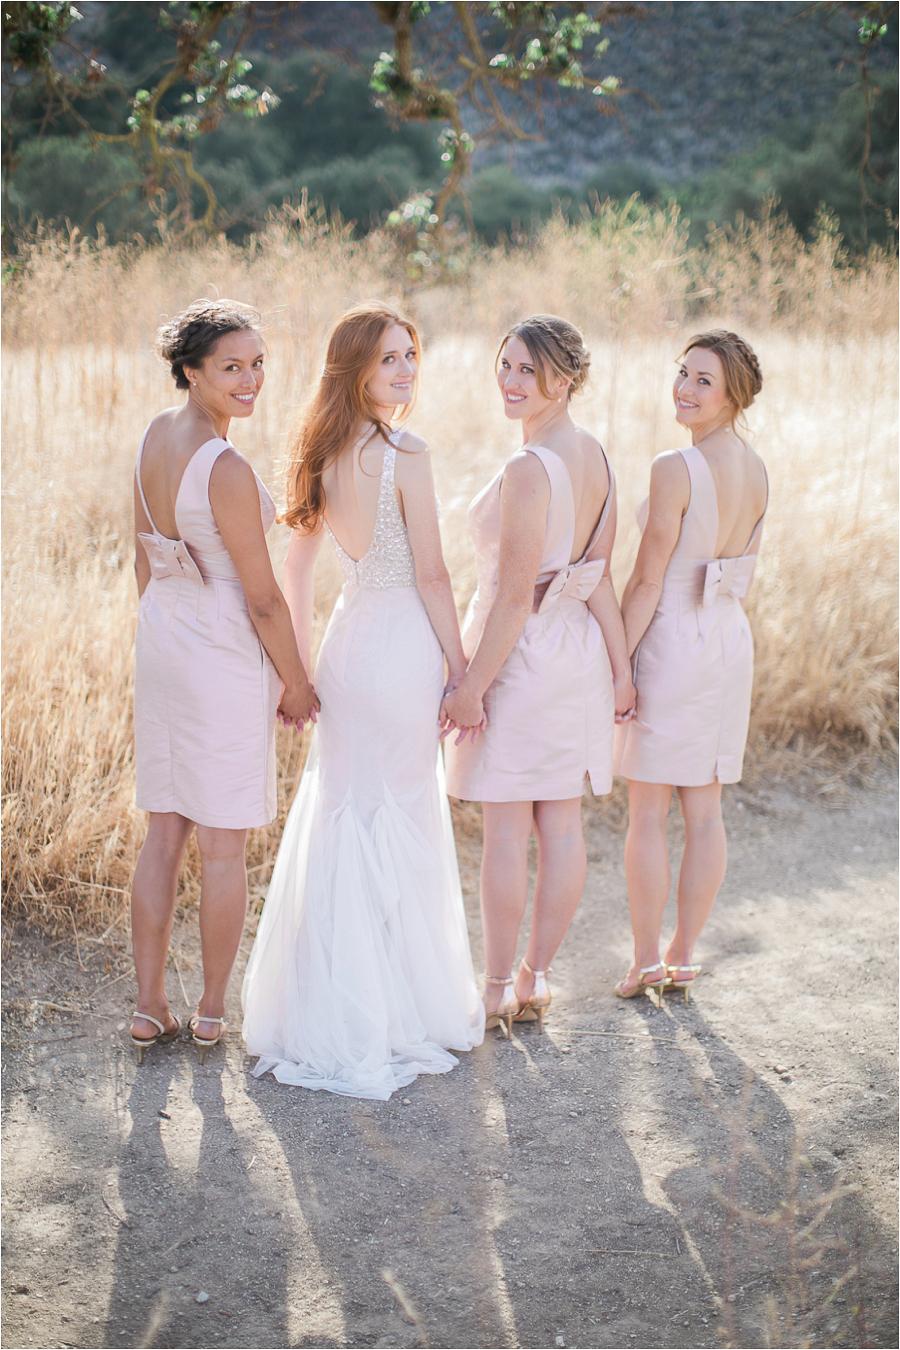 Calabasas Wedding Photographer_Taylor Kinzie Photography-16